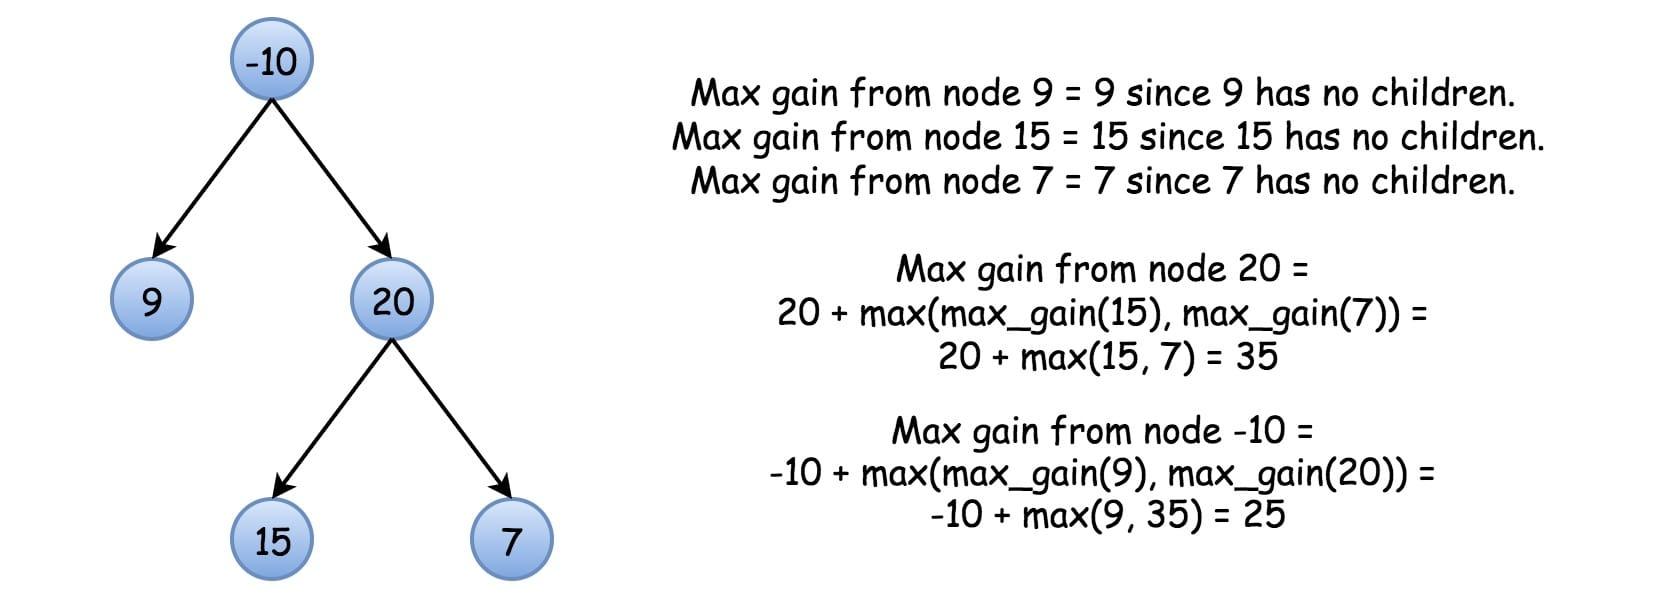 maxGain(node)